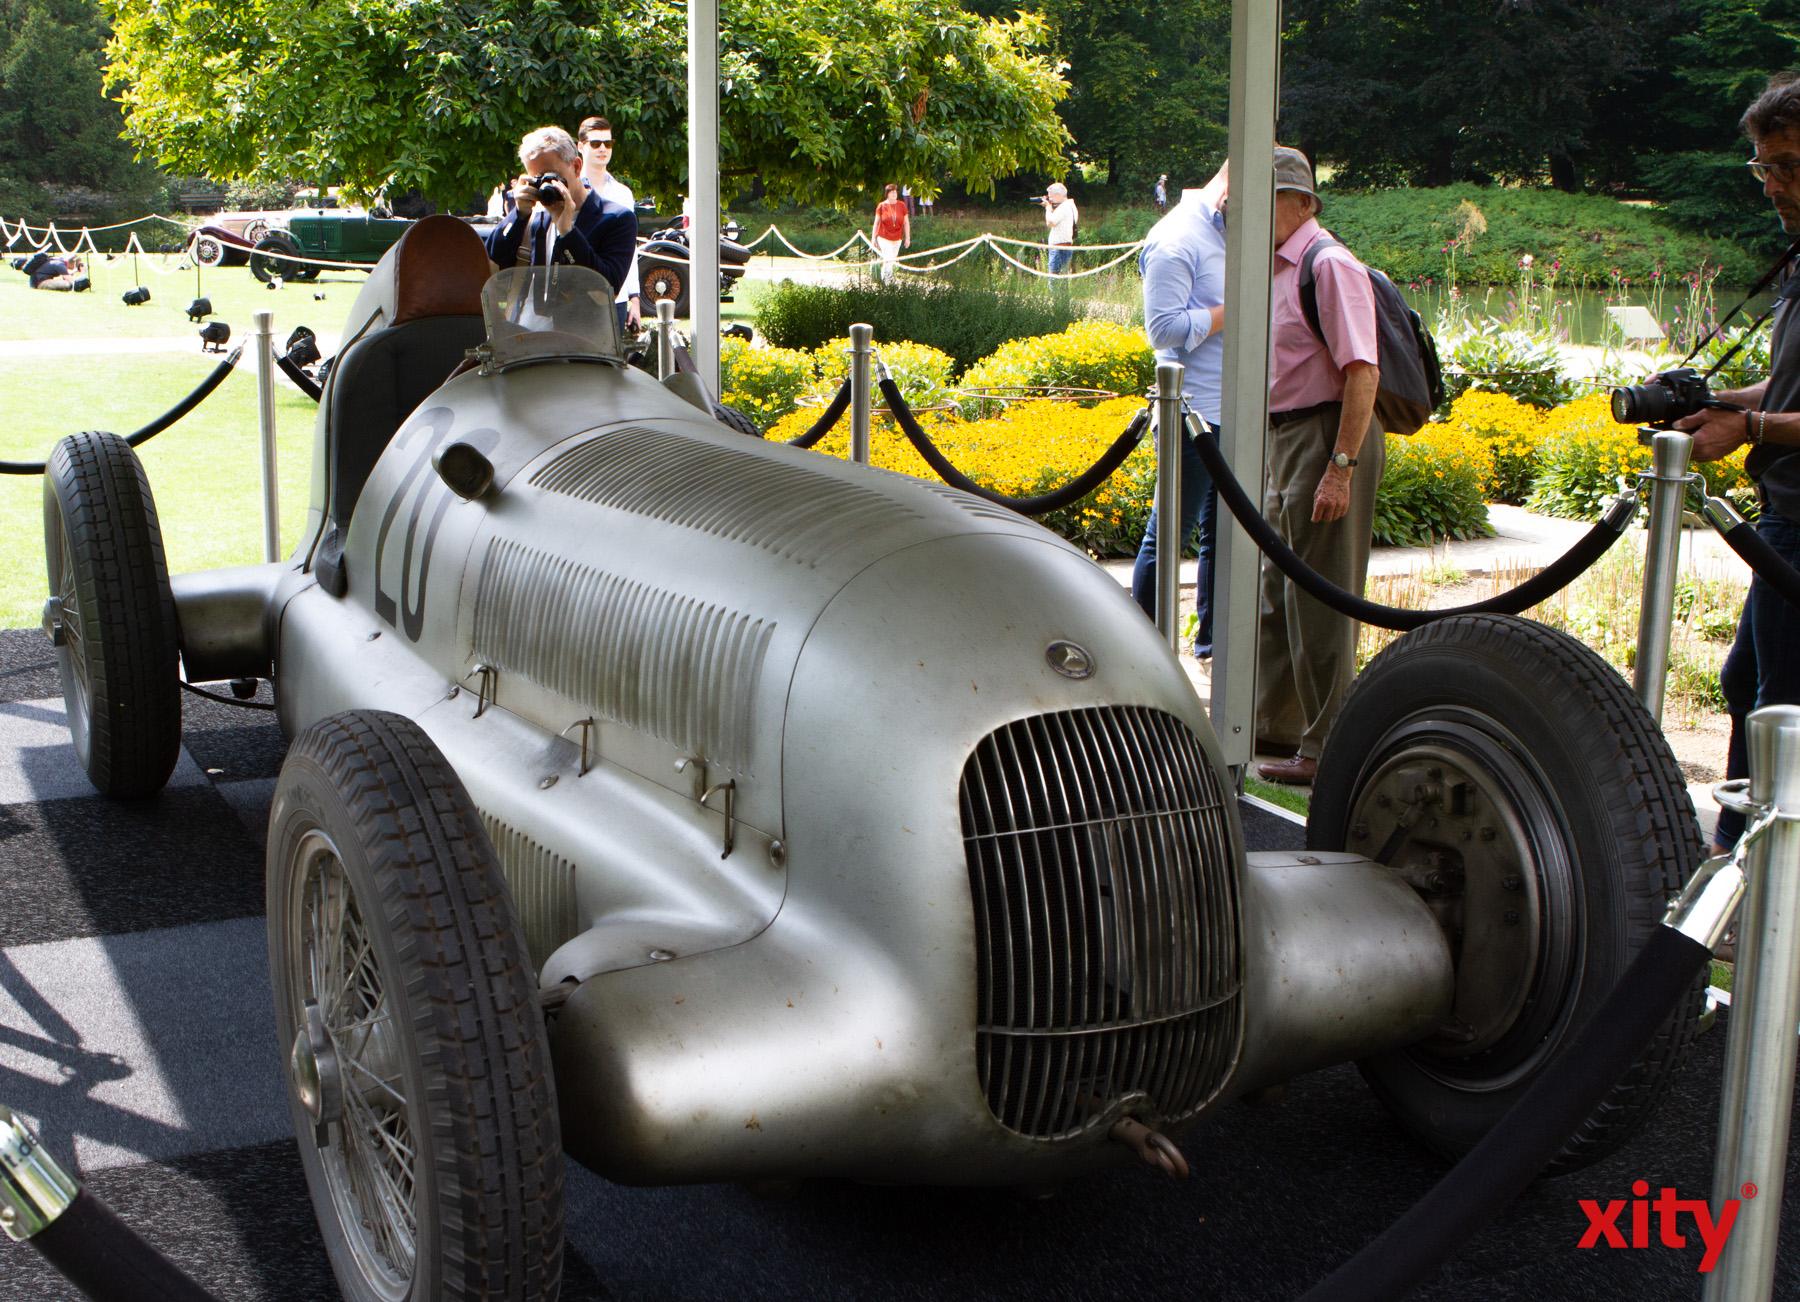 Klassische Rennwagen wurden ebenso ausgestellt wie Familienkutschen (Foto: xity)